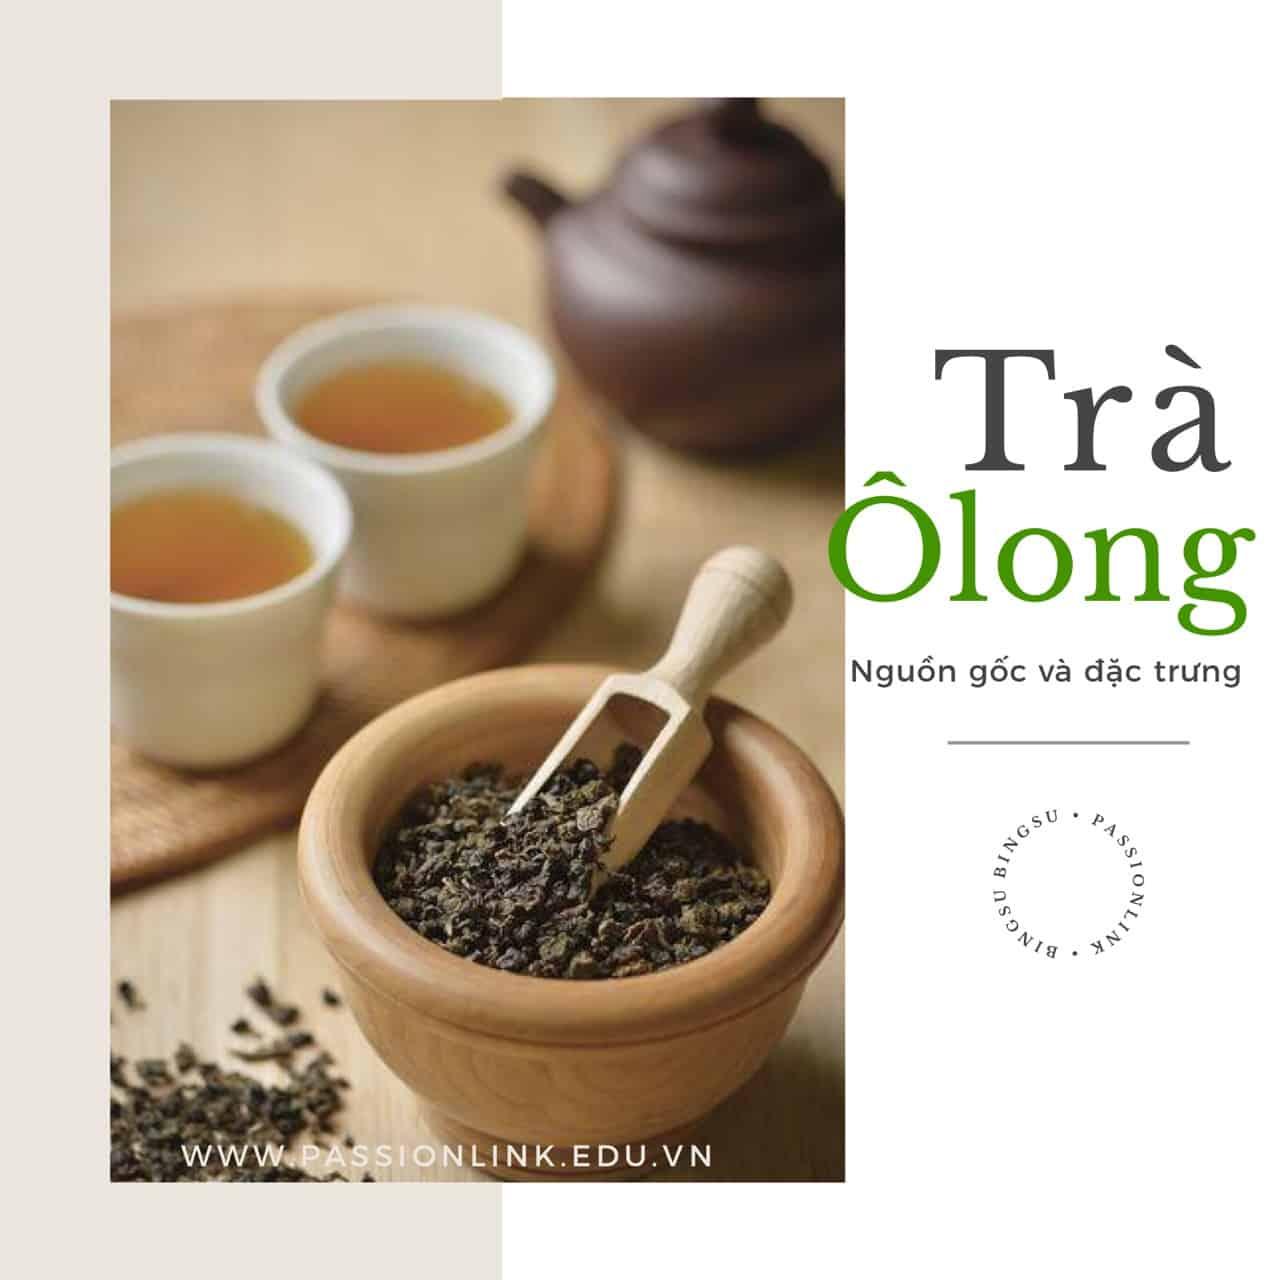 nguồn gốc trà ôlong